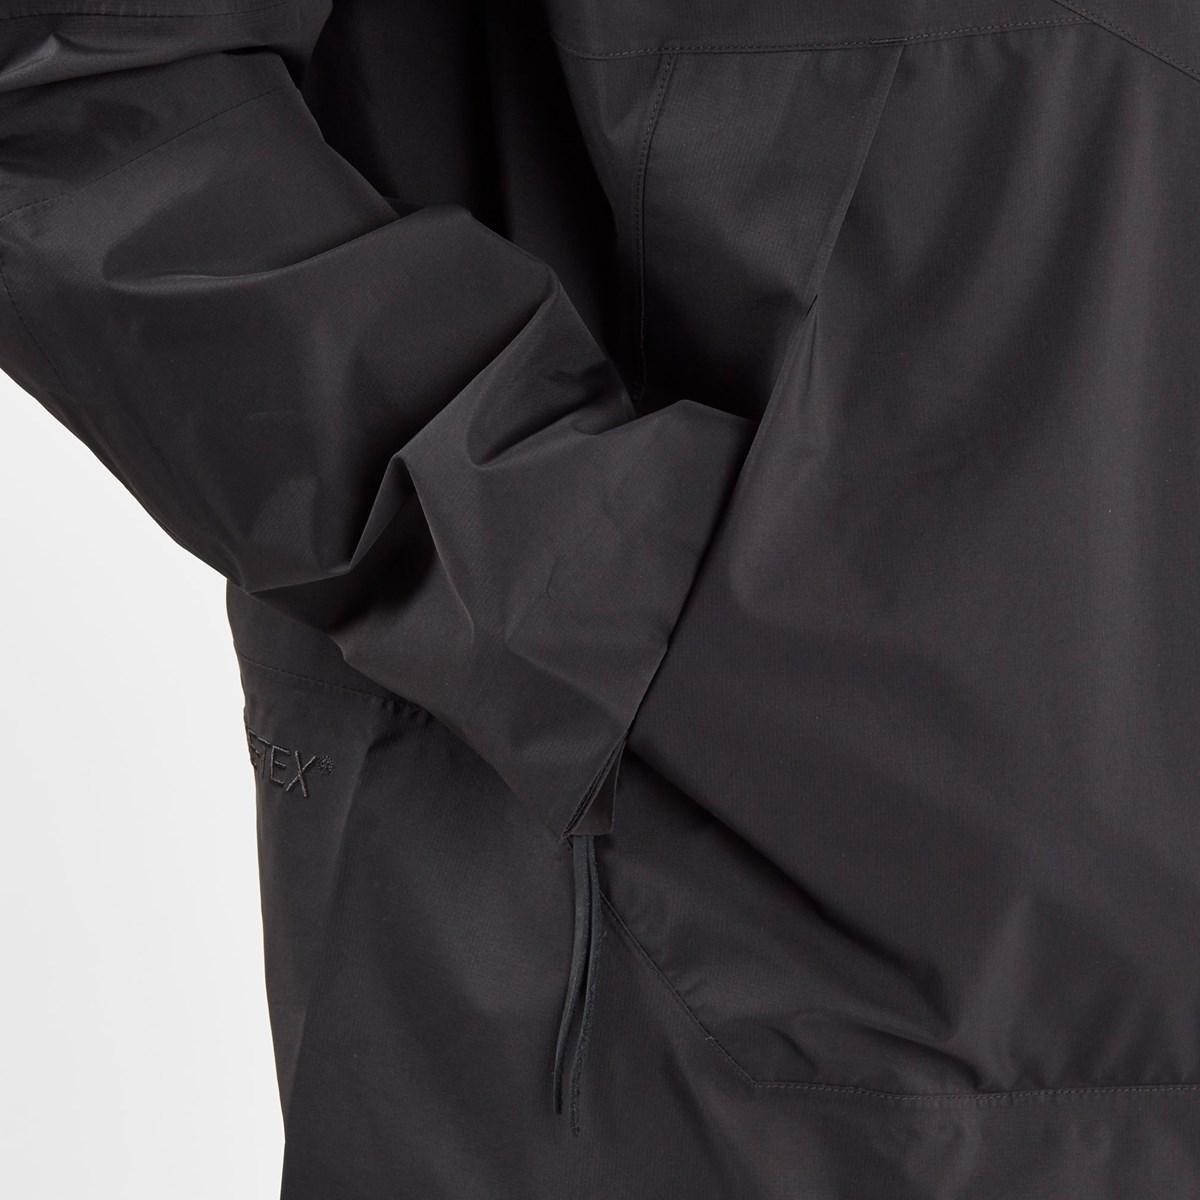 e348cb890f196 adidas MD Karkaj Jacket GORE-TEX - Dh2275 - Sneakersnstuff I Sneakers    Streetwear online seit 1999